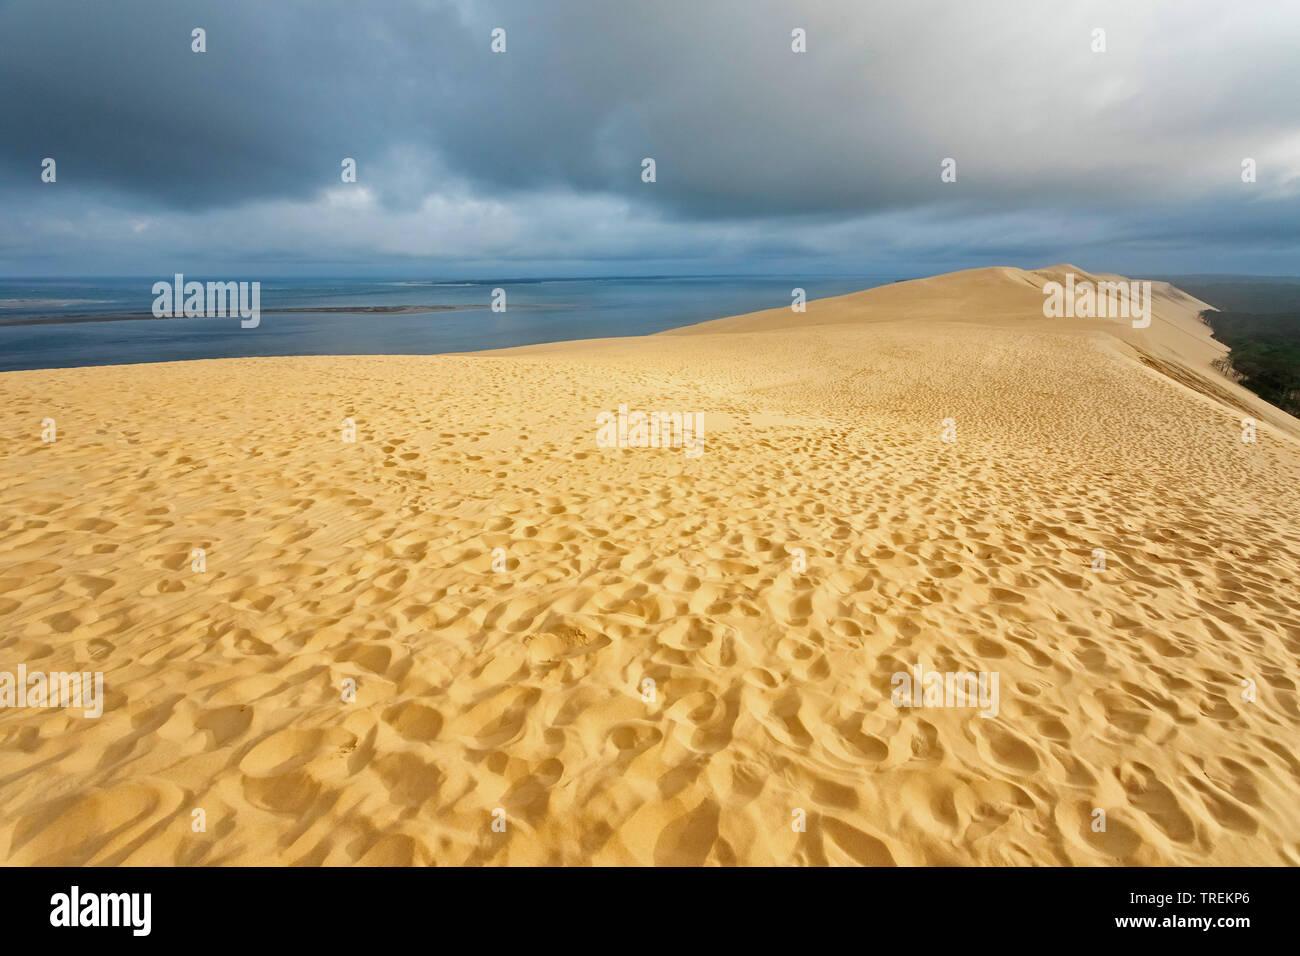 Dune du Pilat, groesste Wanderduene Europas, Frankreich, Arcachon |  , Dune of Pilat, tallest sand dune in Europe, France, Arcachon | BLWS528660.jpg [ - Stock Image